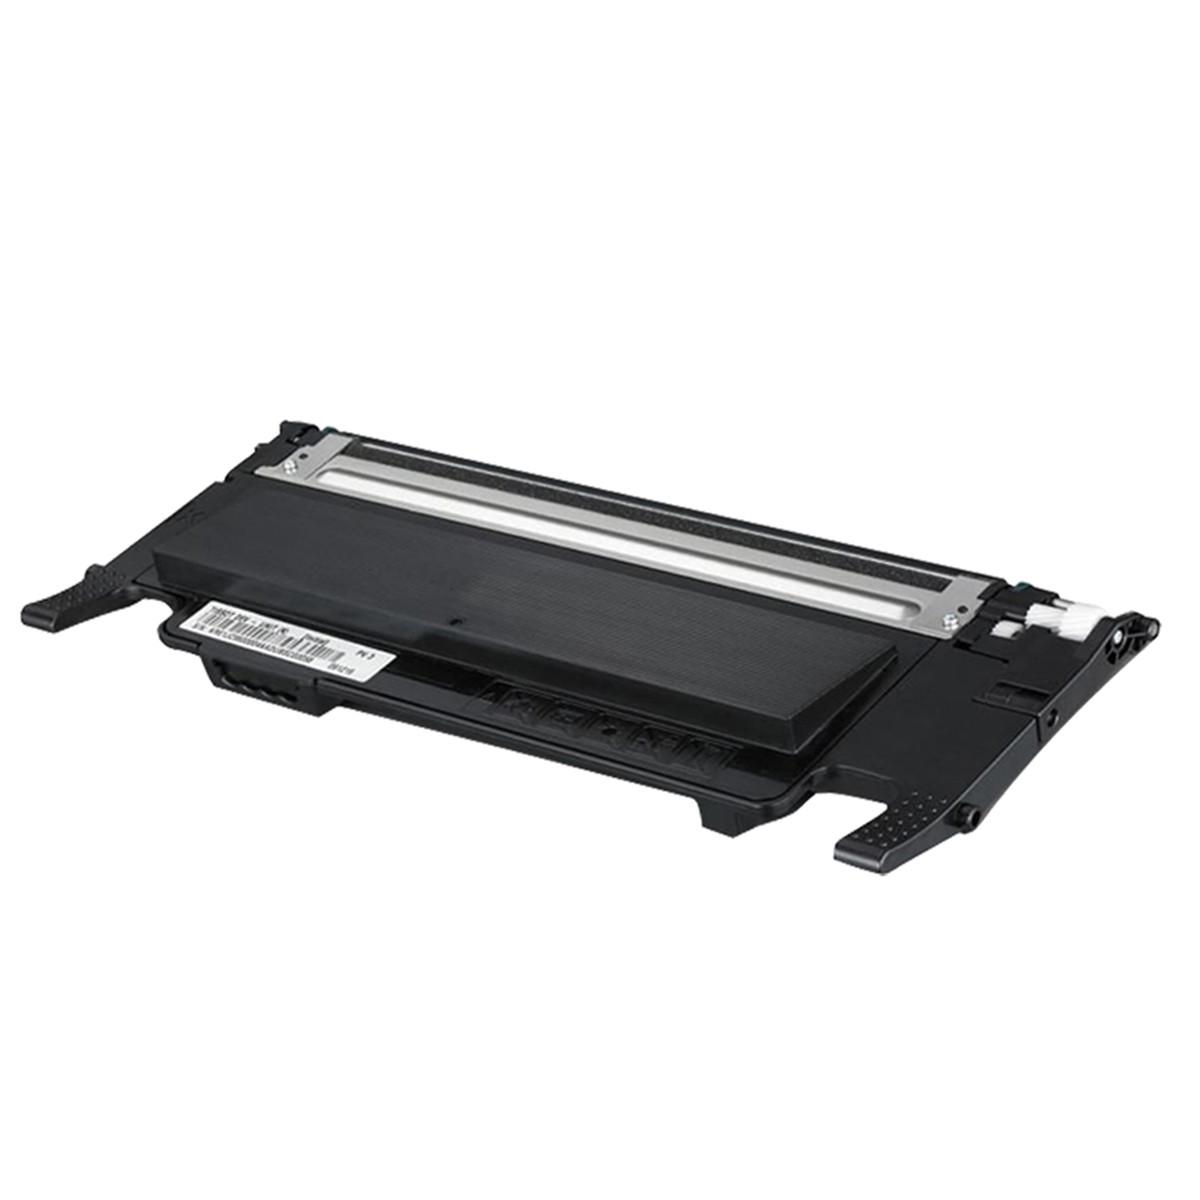 Toner Compatível com Samsung CLT-K407S 407S Preto | CLP325 CLX3185 CLP320 CLX3185N | Importado 1k